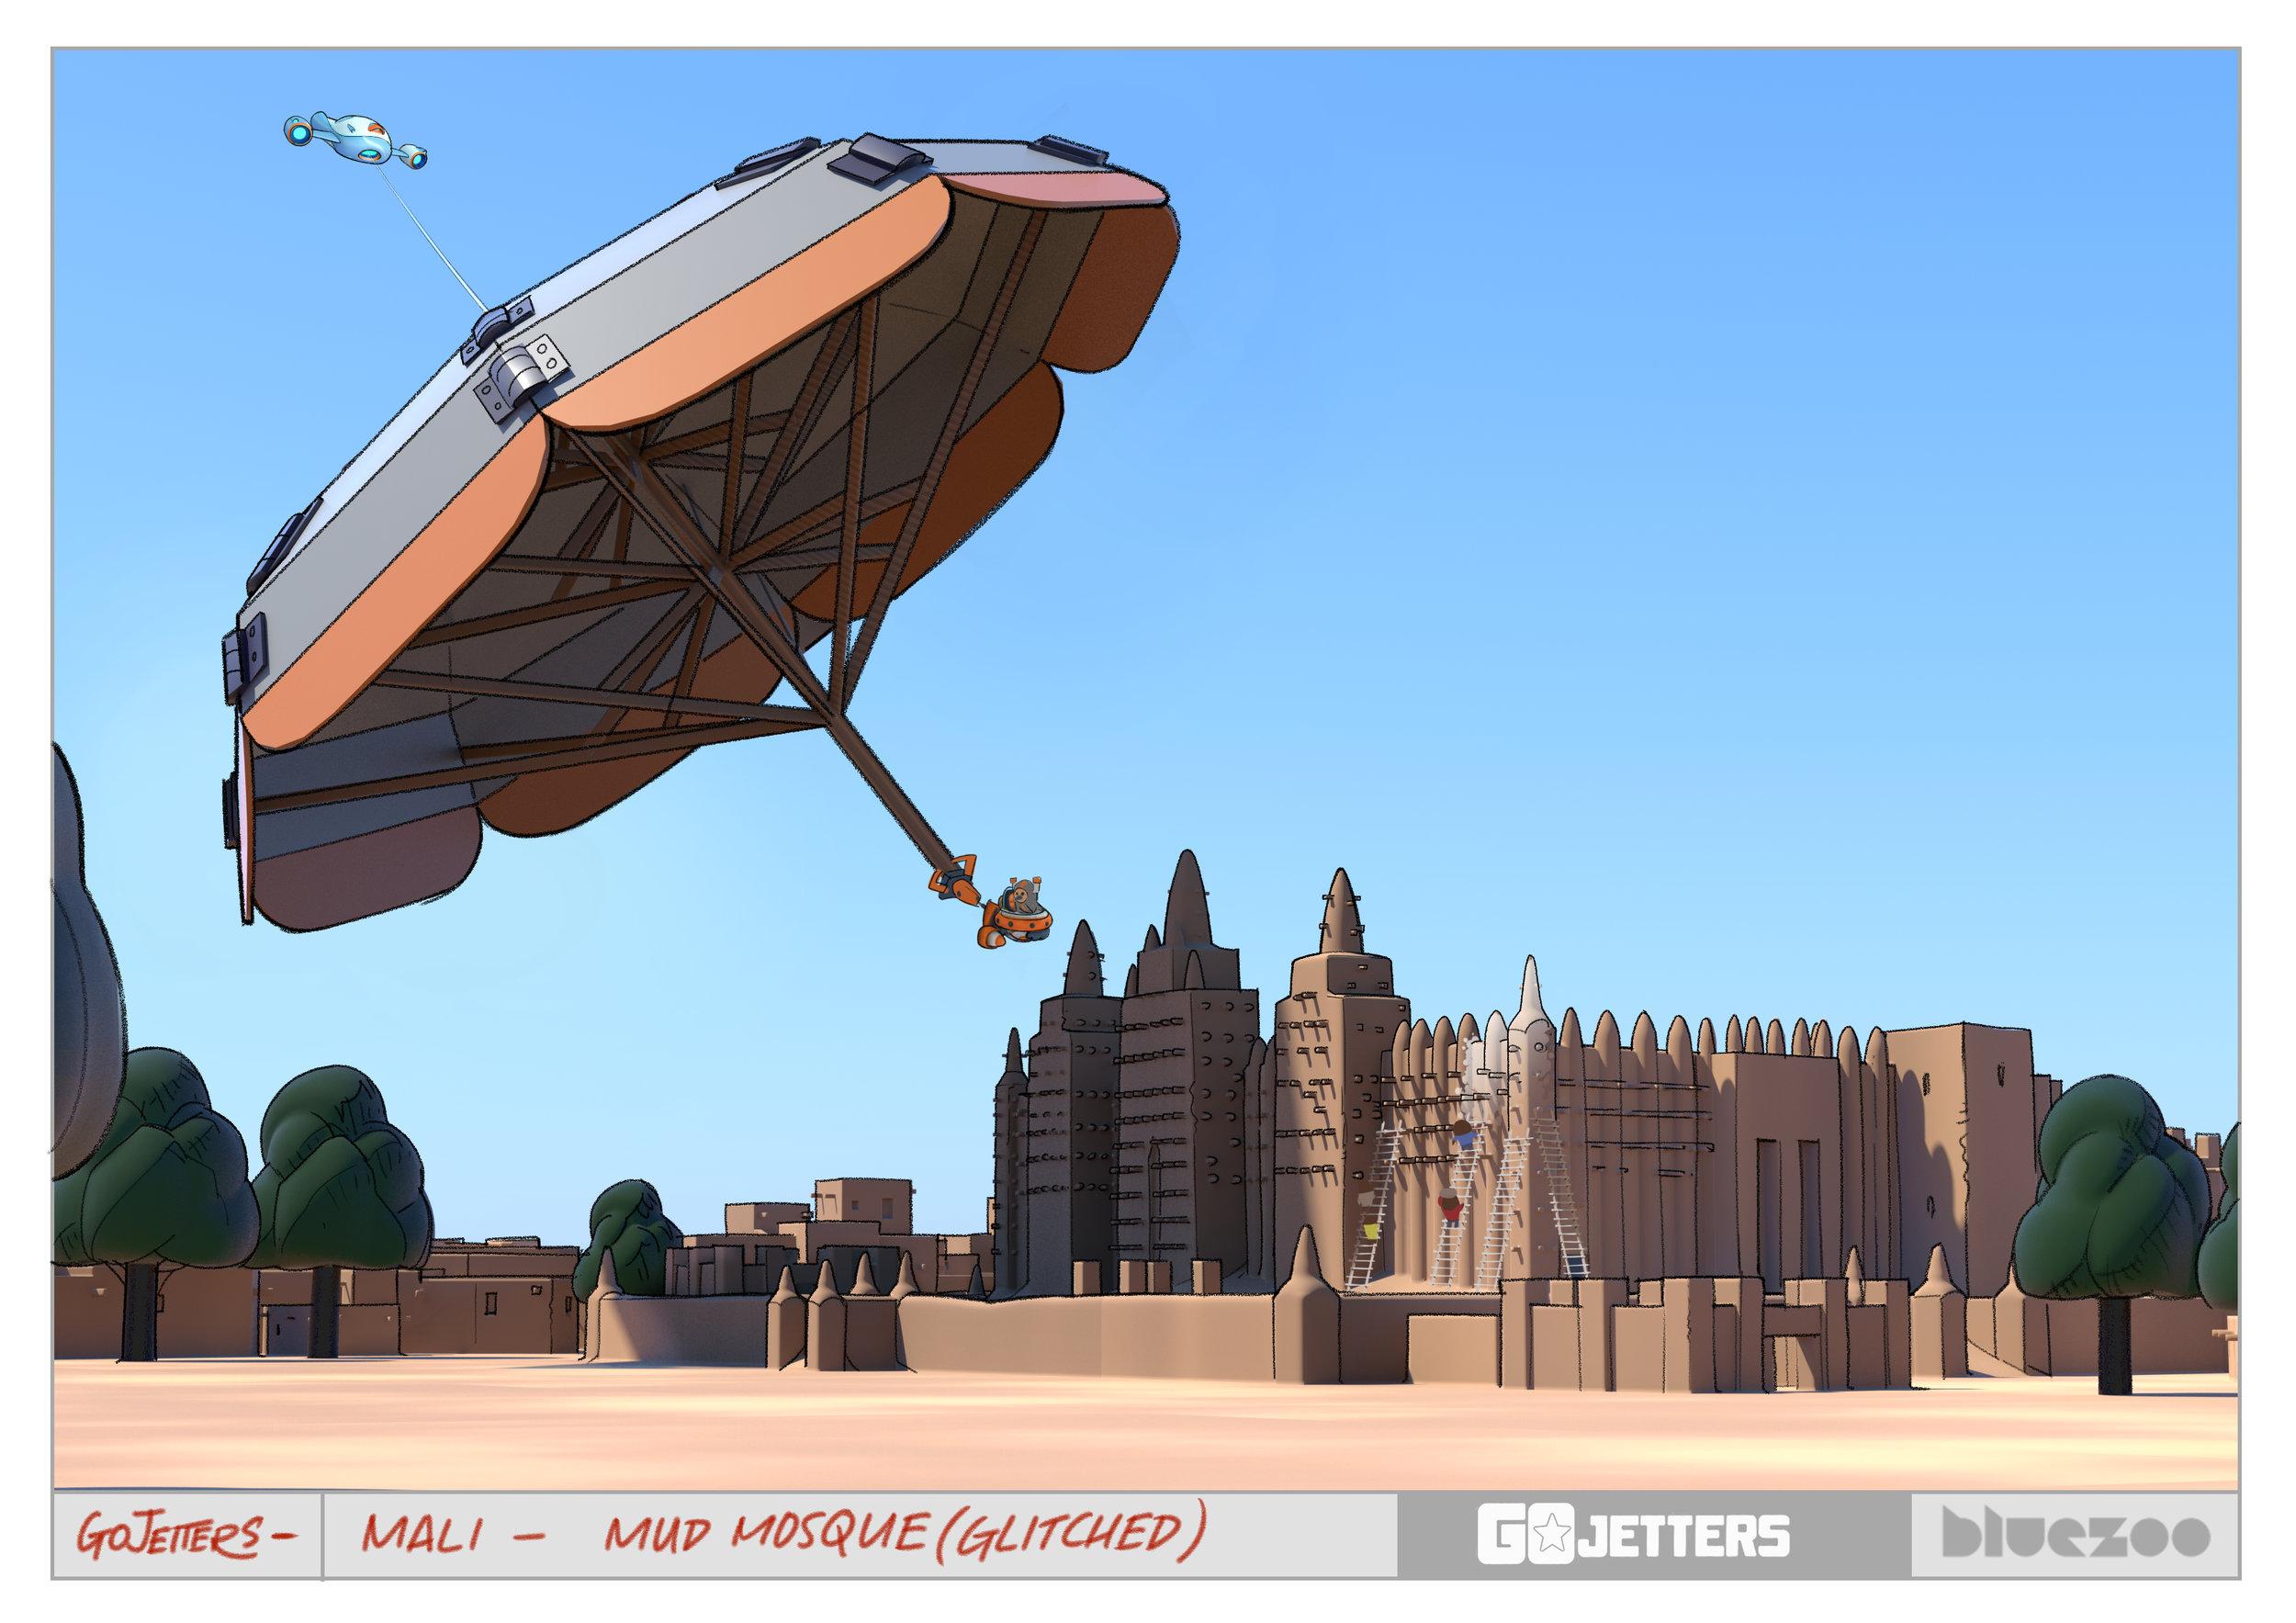 BBCPicture_02_AerialViewofMosque.jpg